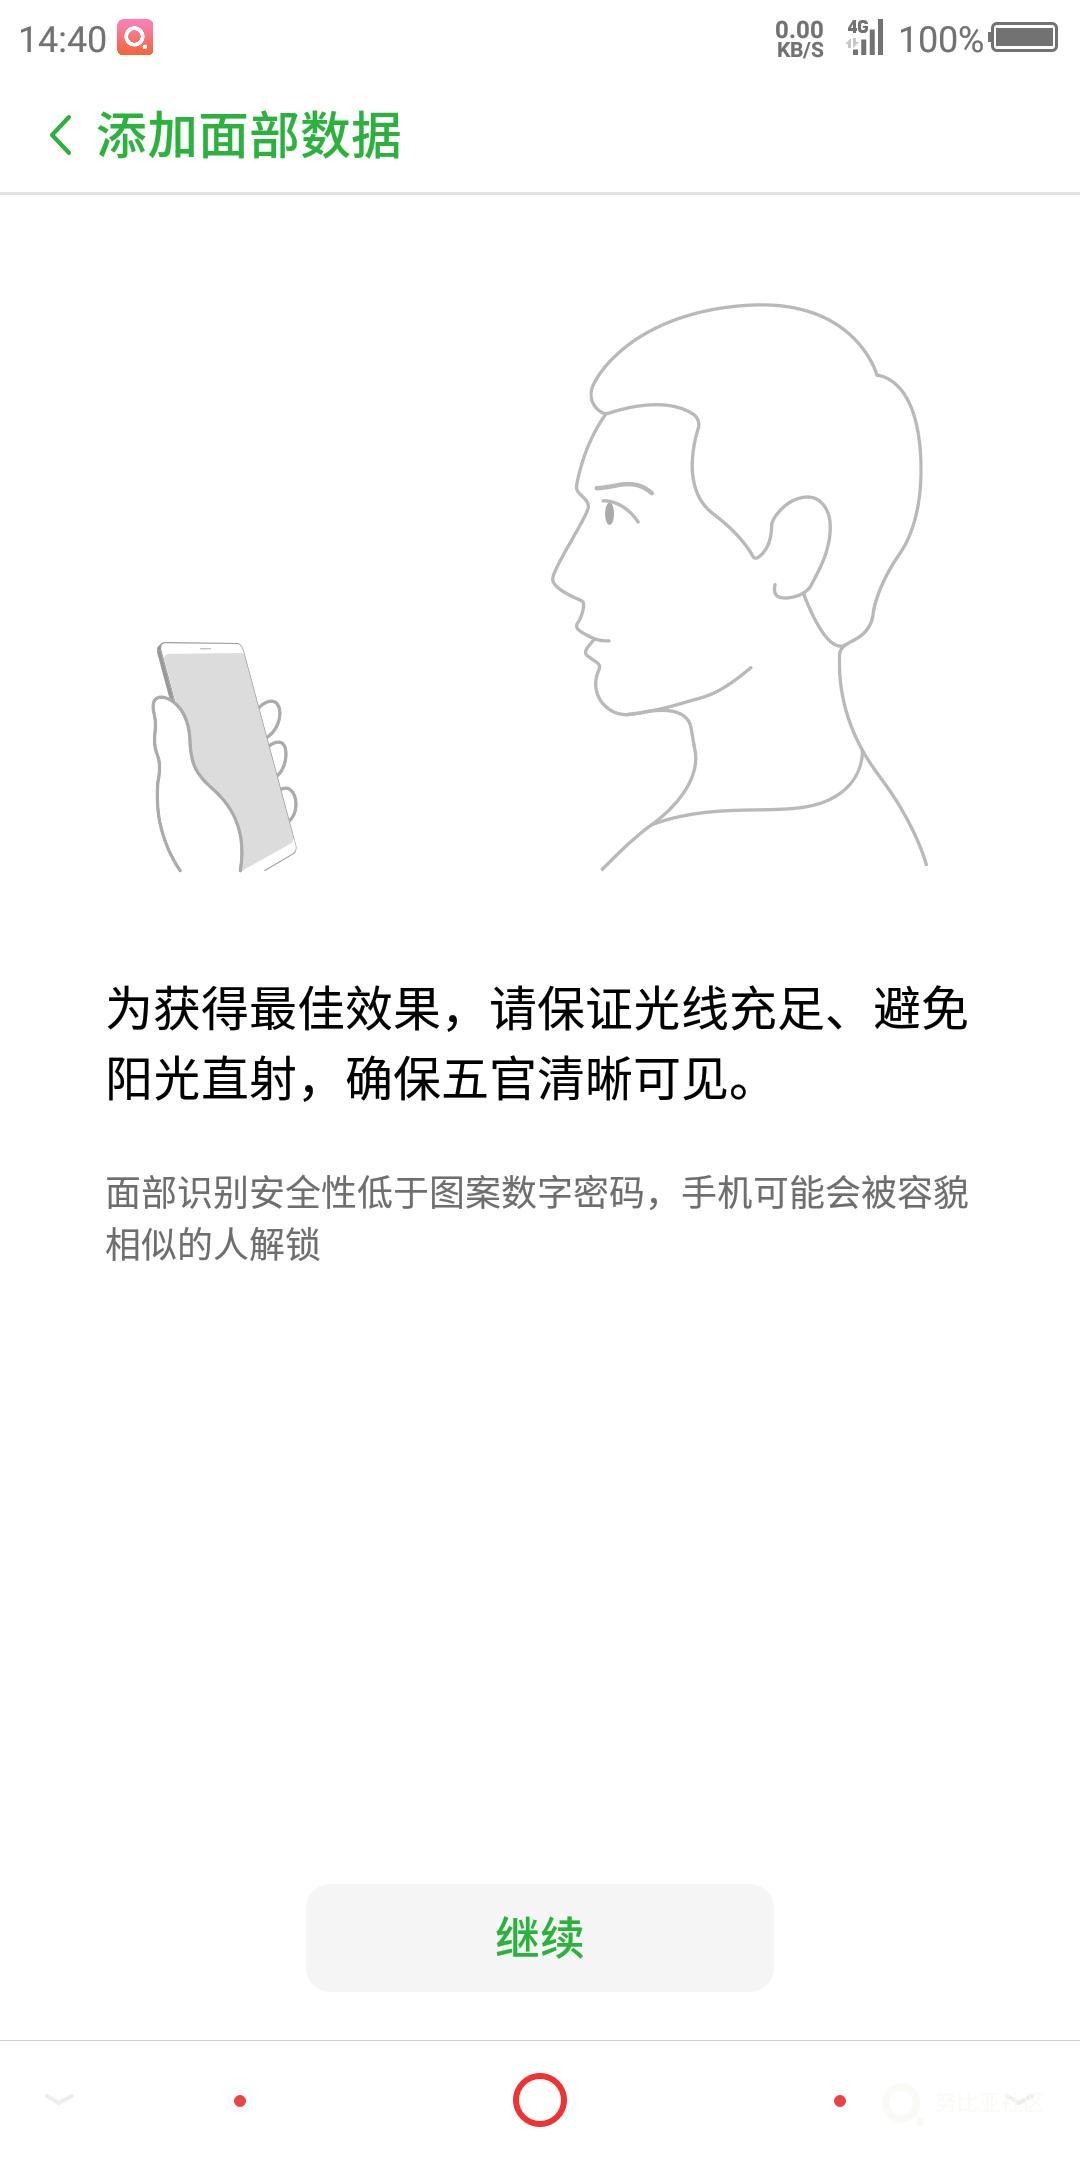 mmexport1527144031357.jpg